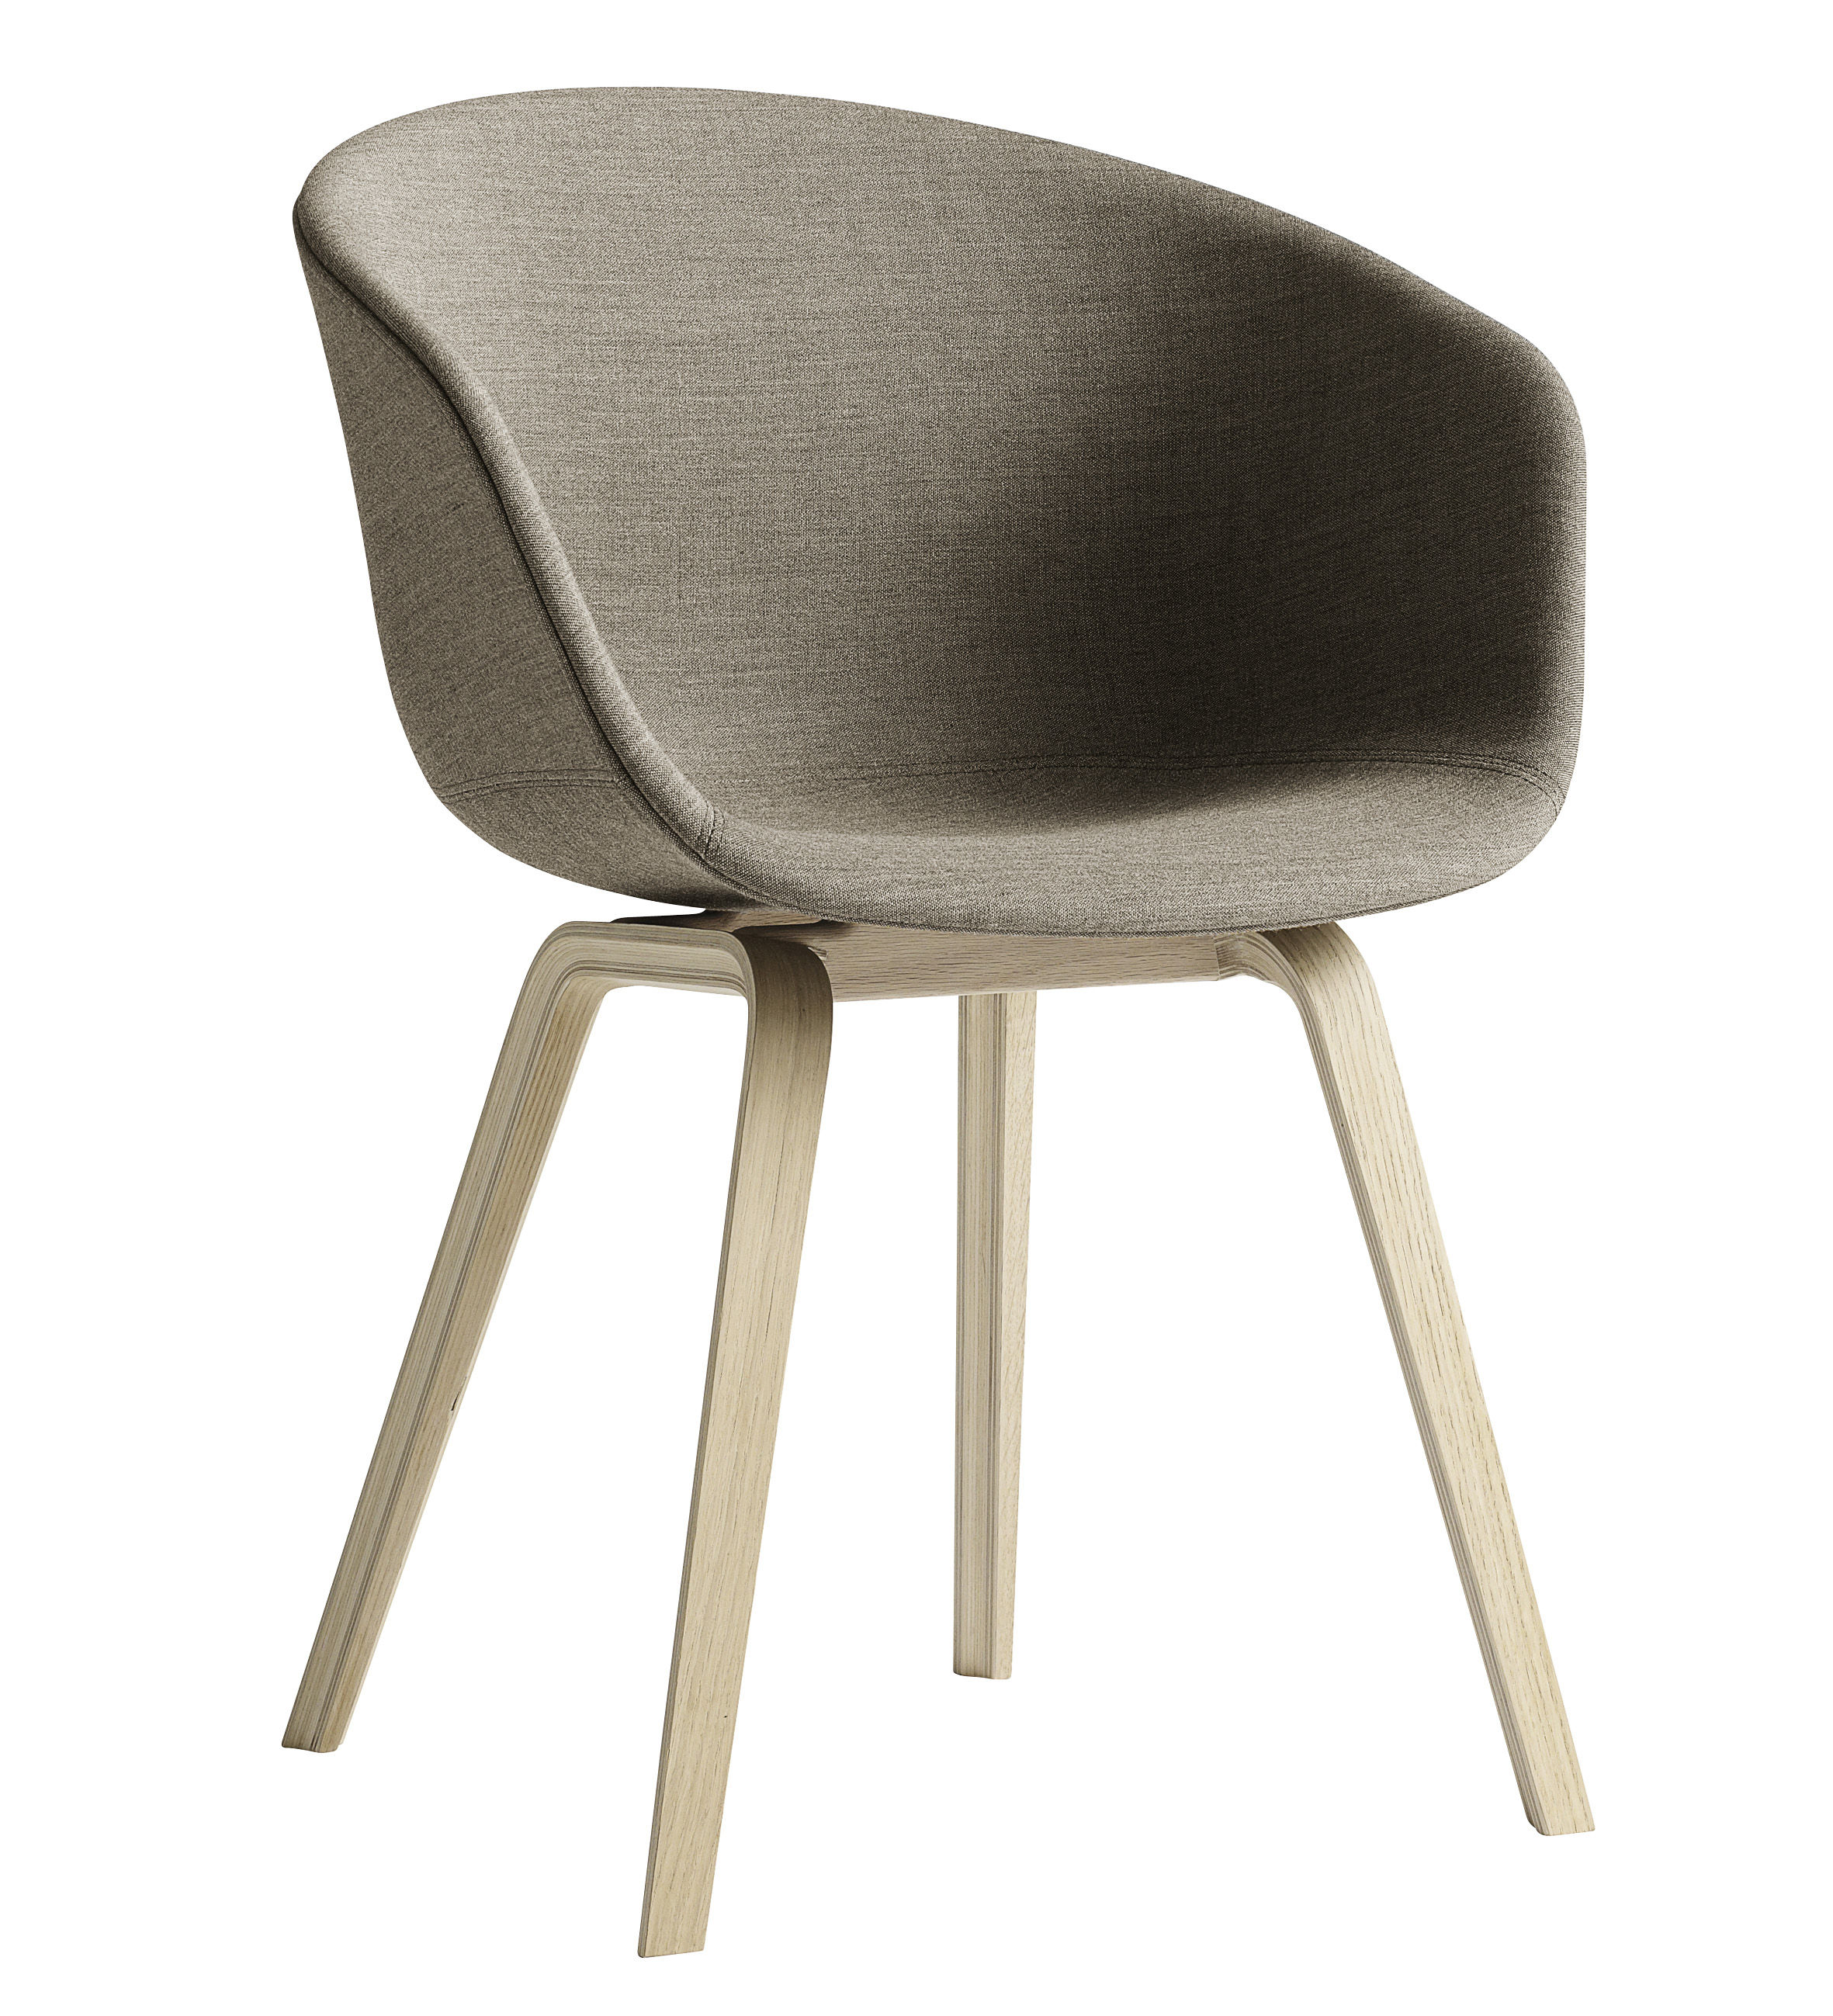 Arredamento - Sedie  - Poltrona imbottita About a chair - versione tessuto - 4 gambe di Hay - Appoggio rovere naturale / rivestimento beige - Polipropilene, Rovere, Tessuto